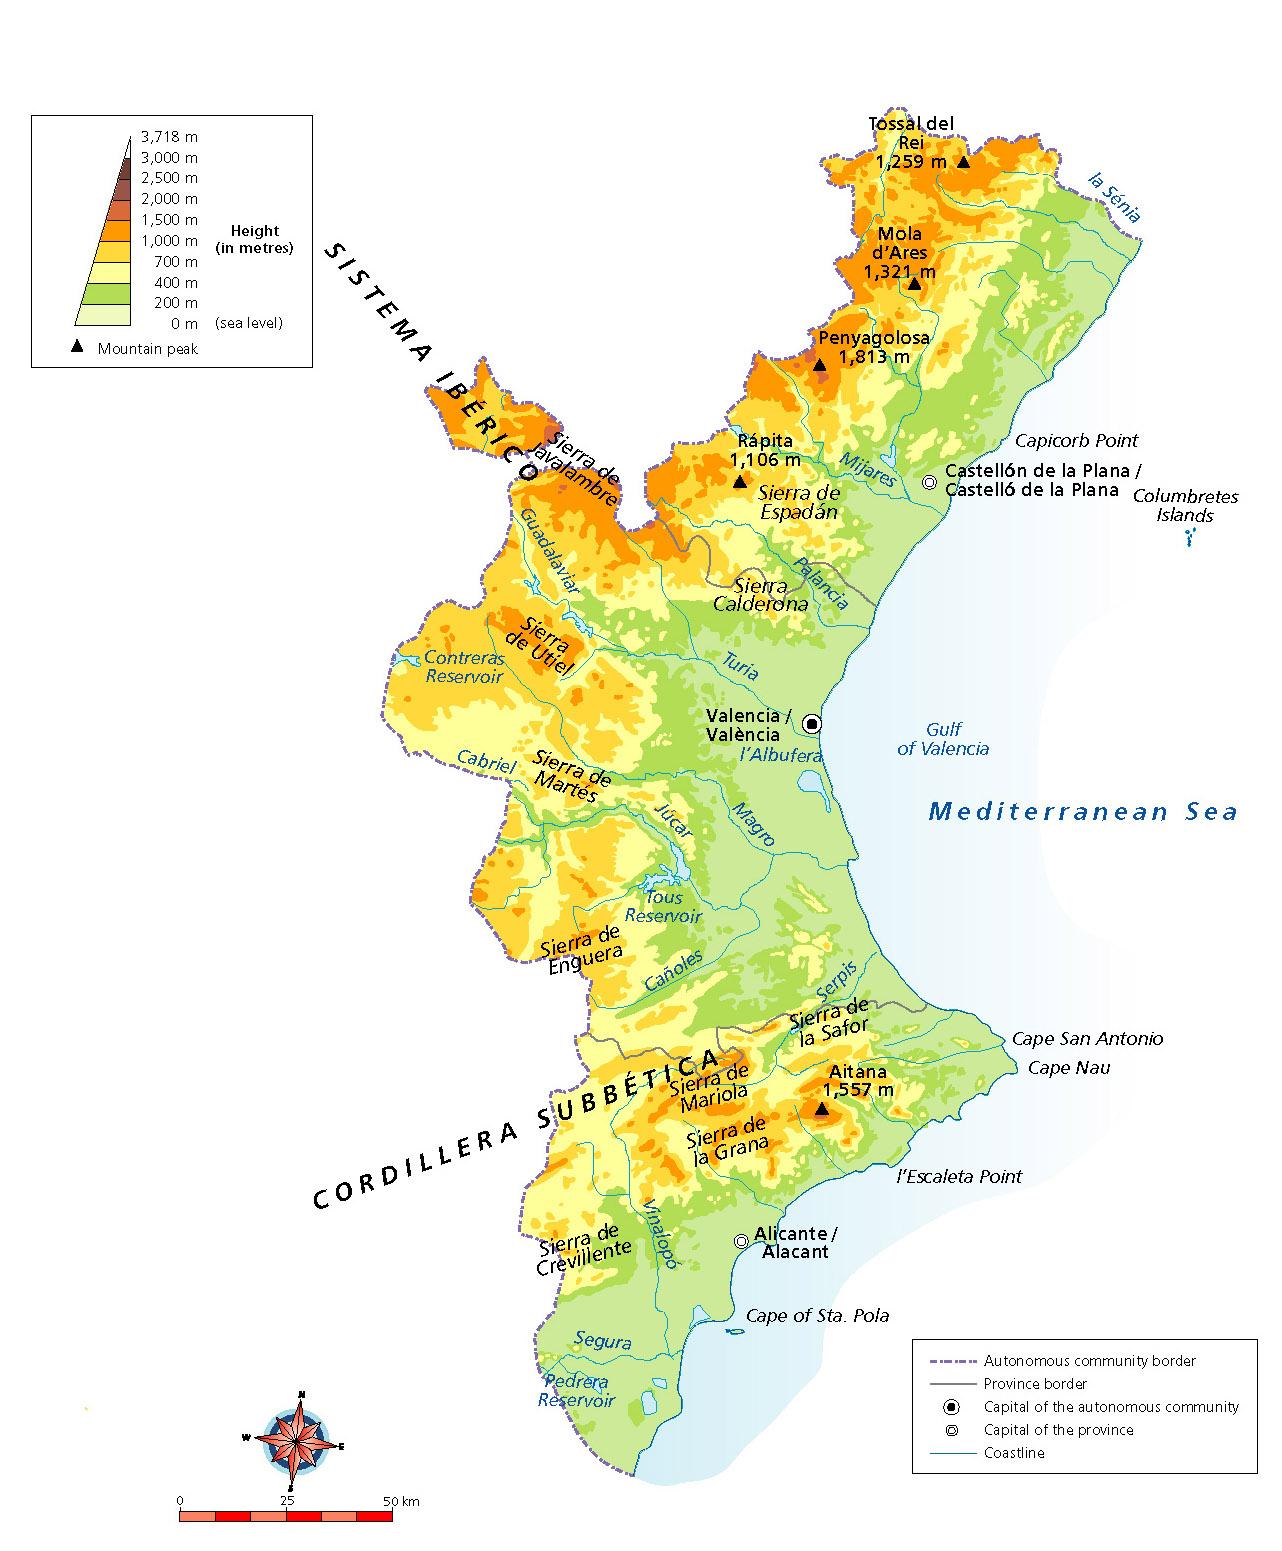 Mapa Fisico Comunitat Valenciana.Atlas De Primaria De La Editorial By Me Mapas En Ingles De Las Ccaa